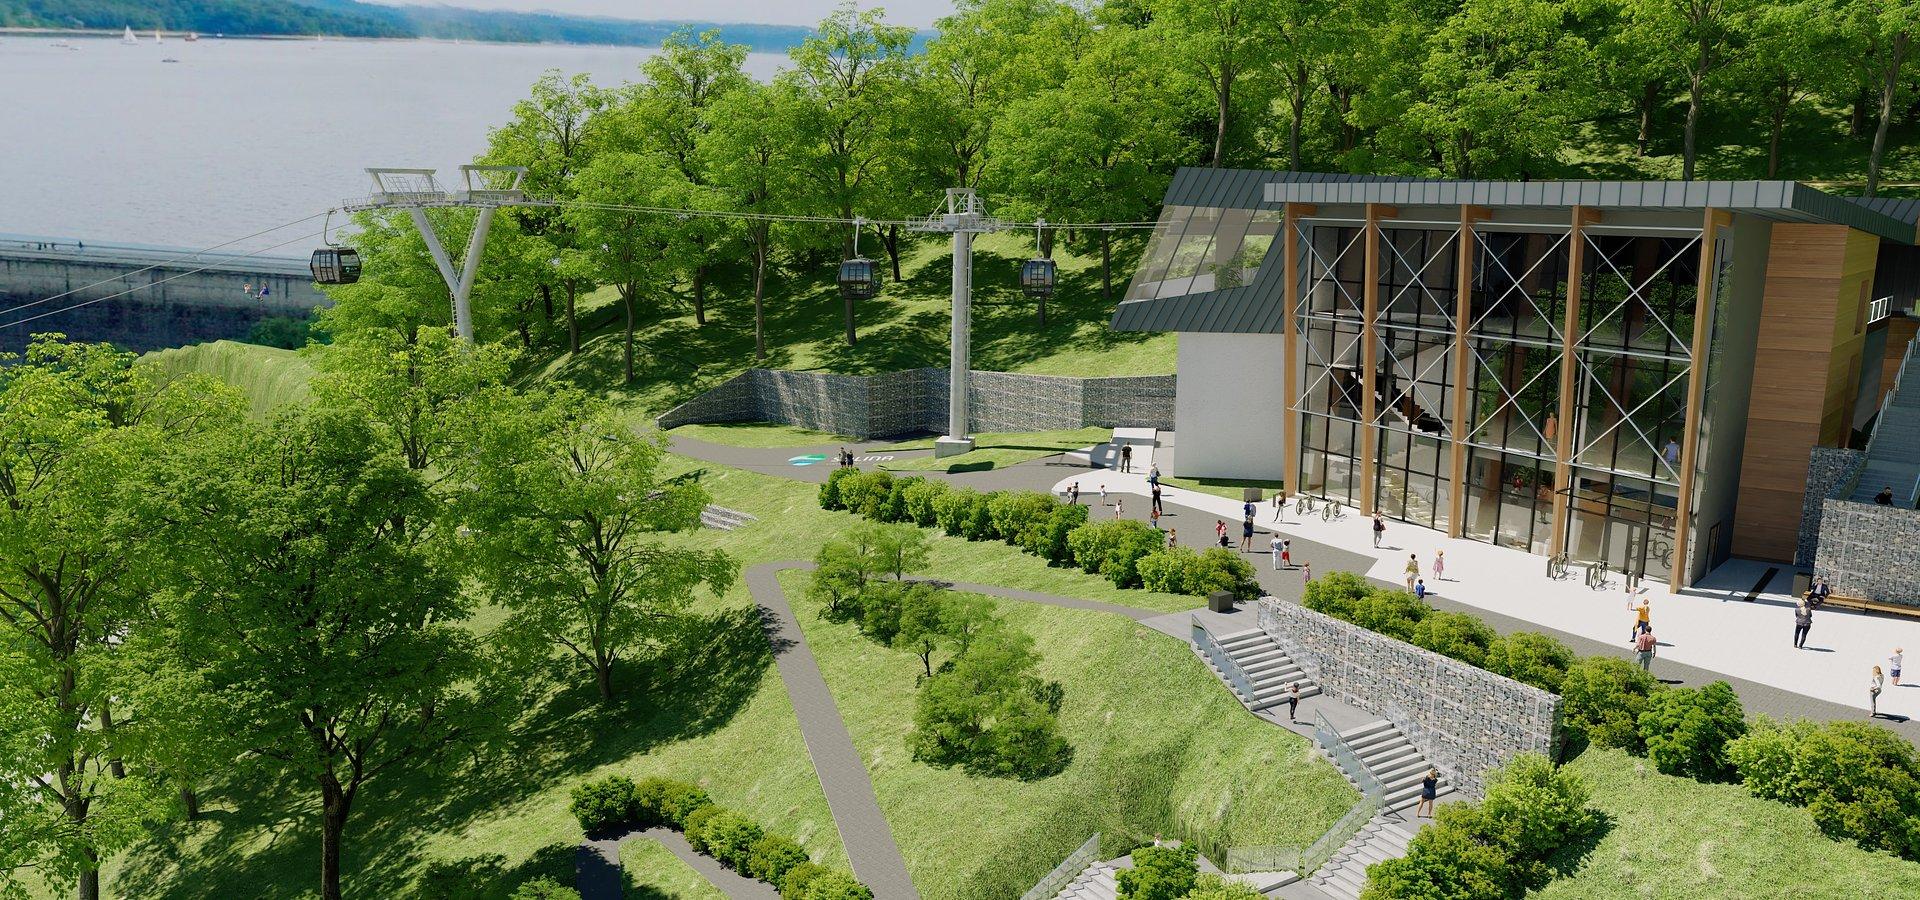 Polskie Koleje Linowe rozpoczęły budowę nowego ośrodka turystycznego i kolei widokowej nad zaporą w Solinie